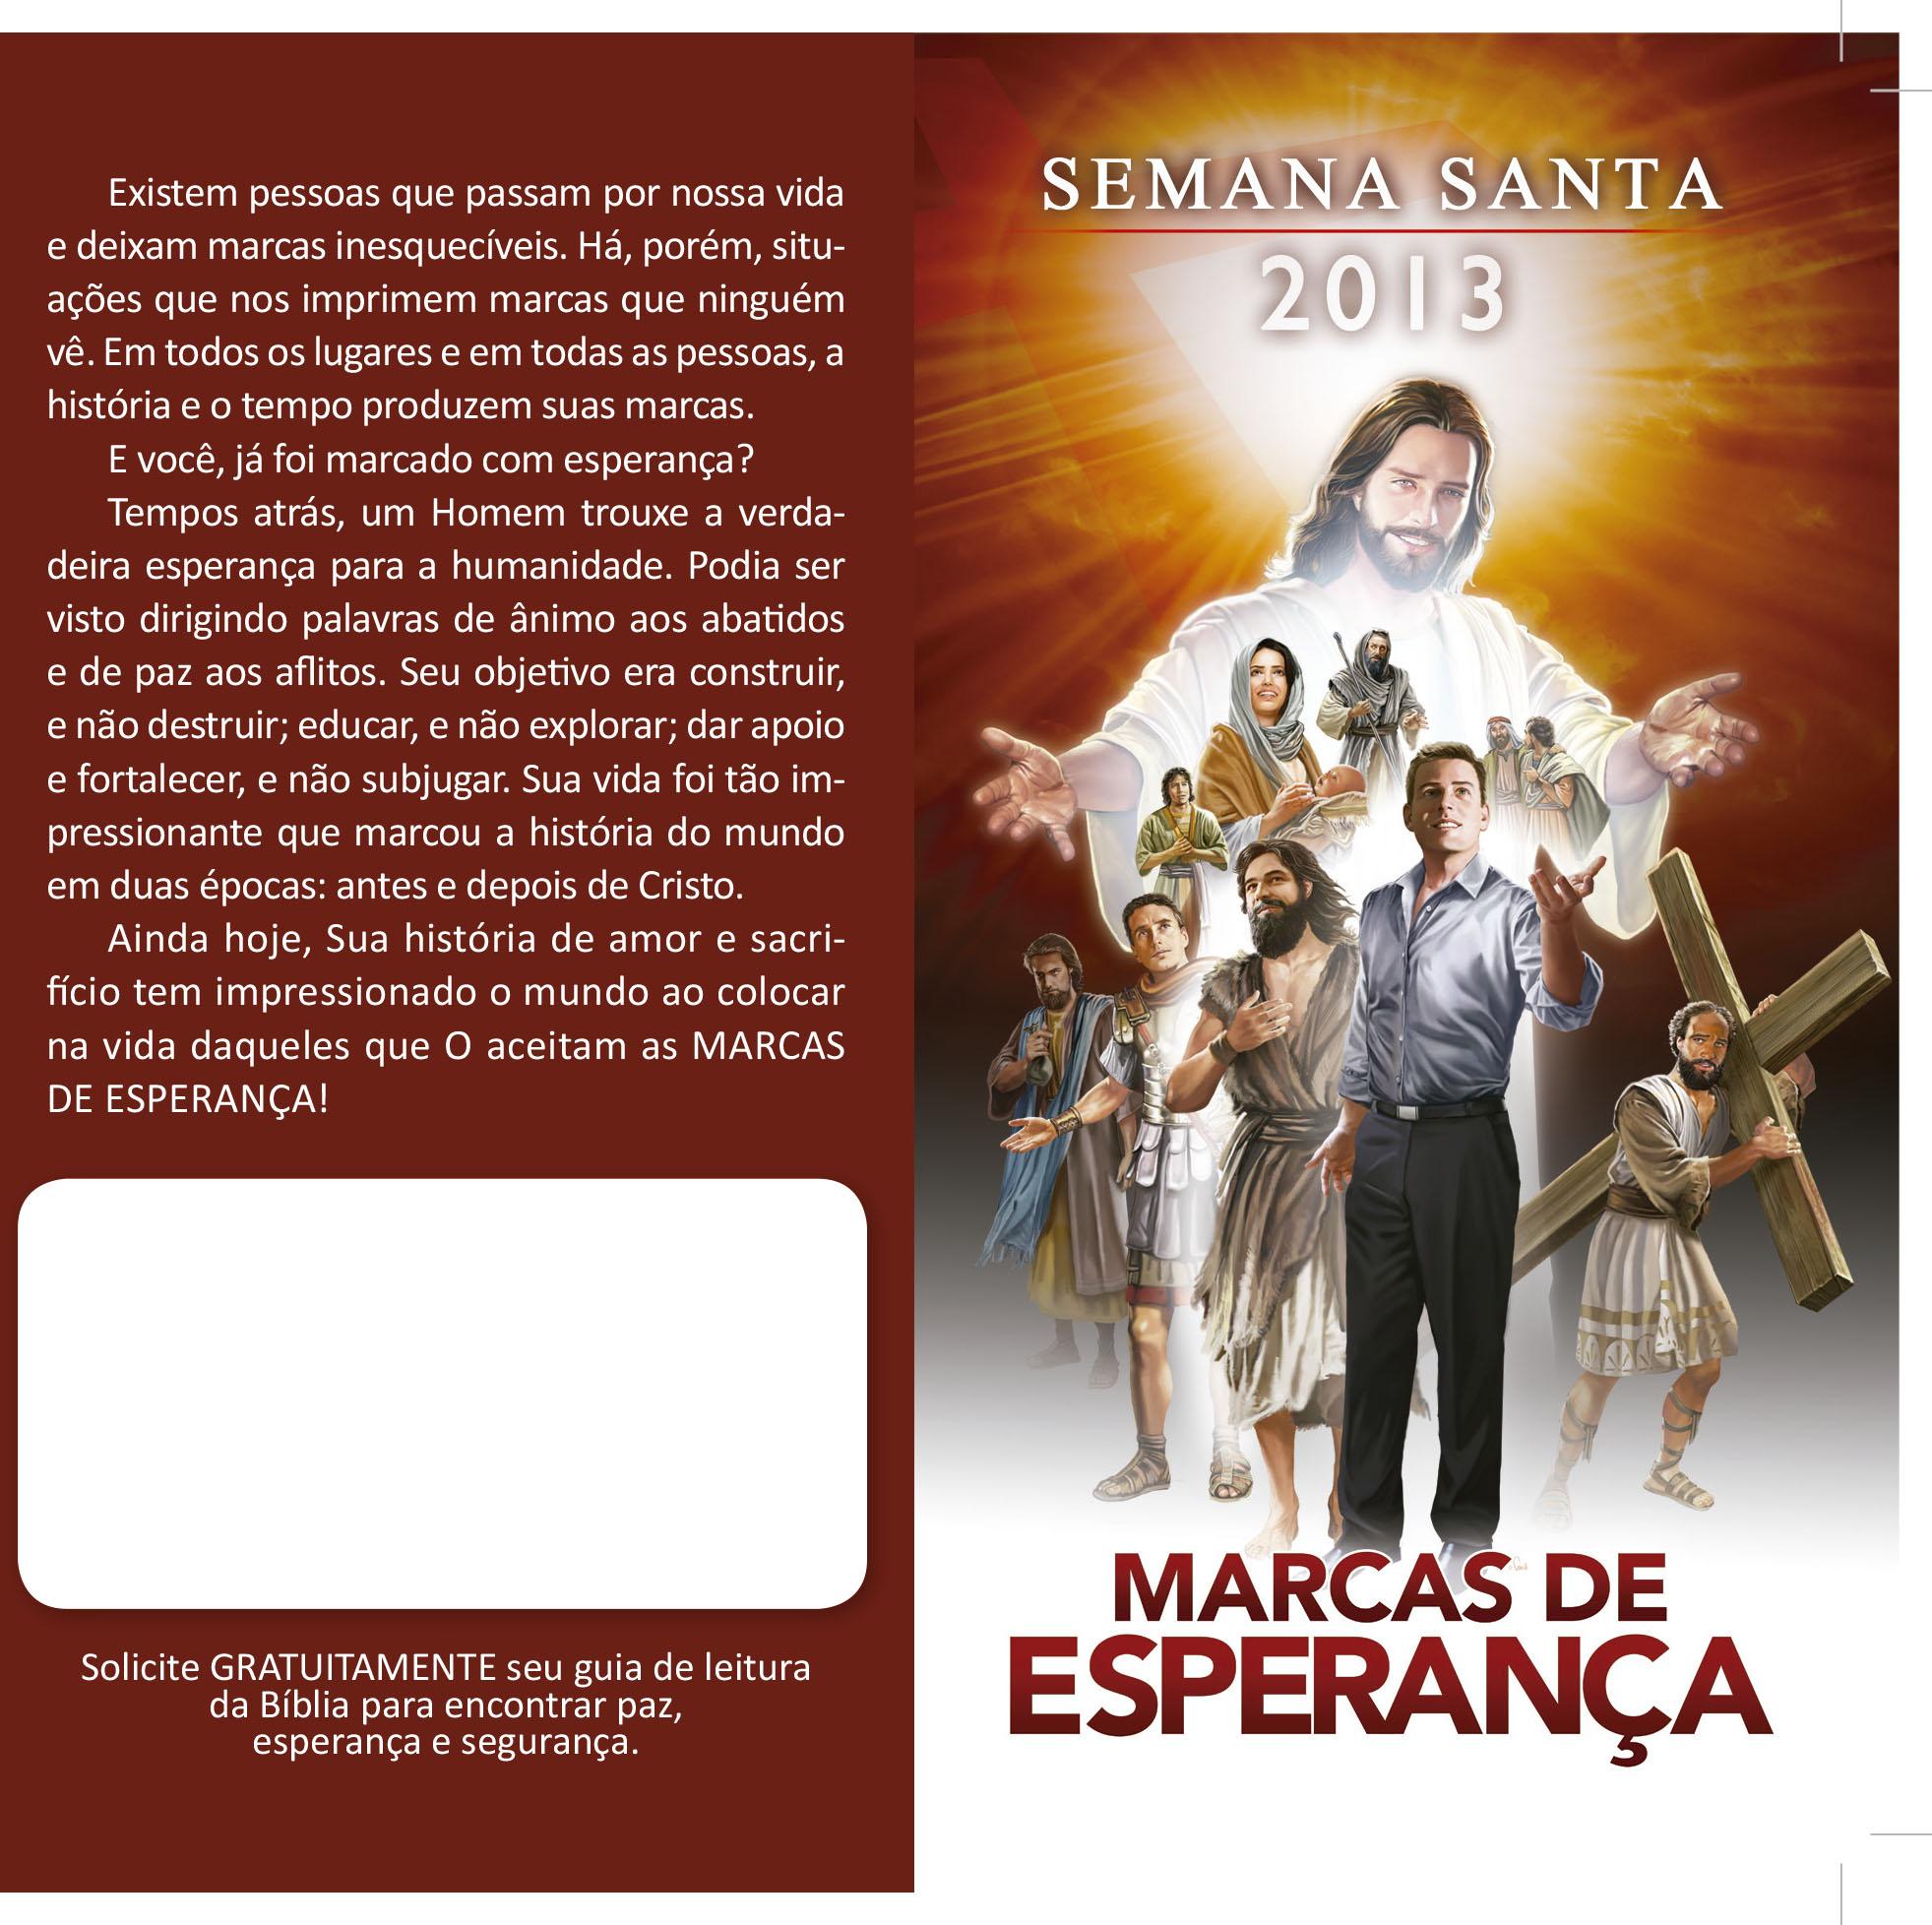 folhetoSemanaSanta2013